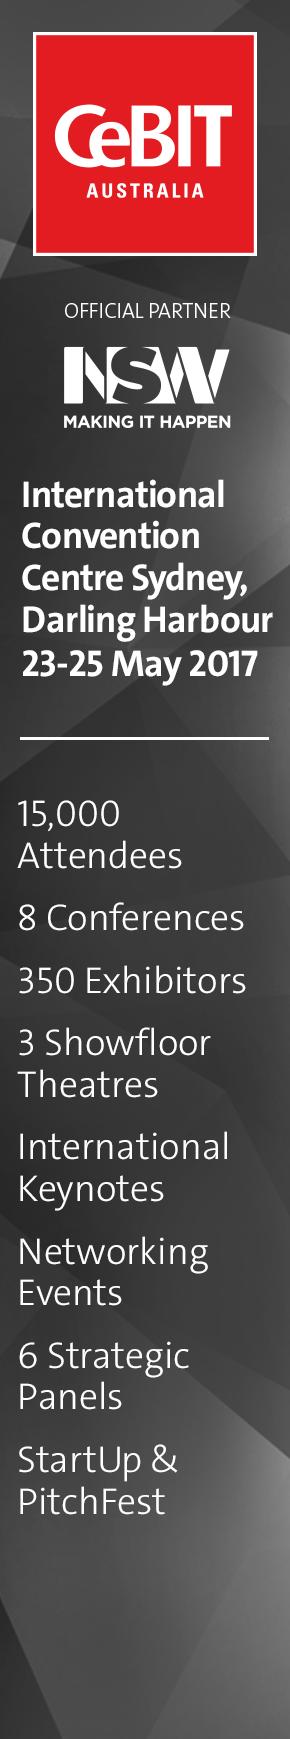 CeBIT Conferences 2017